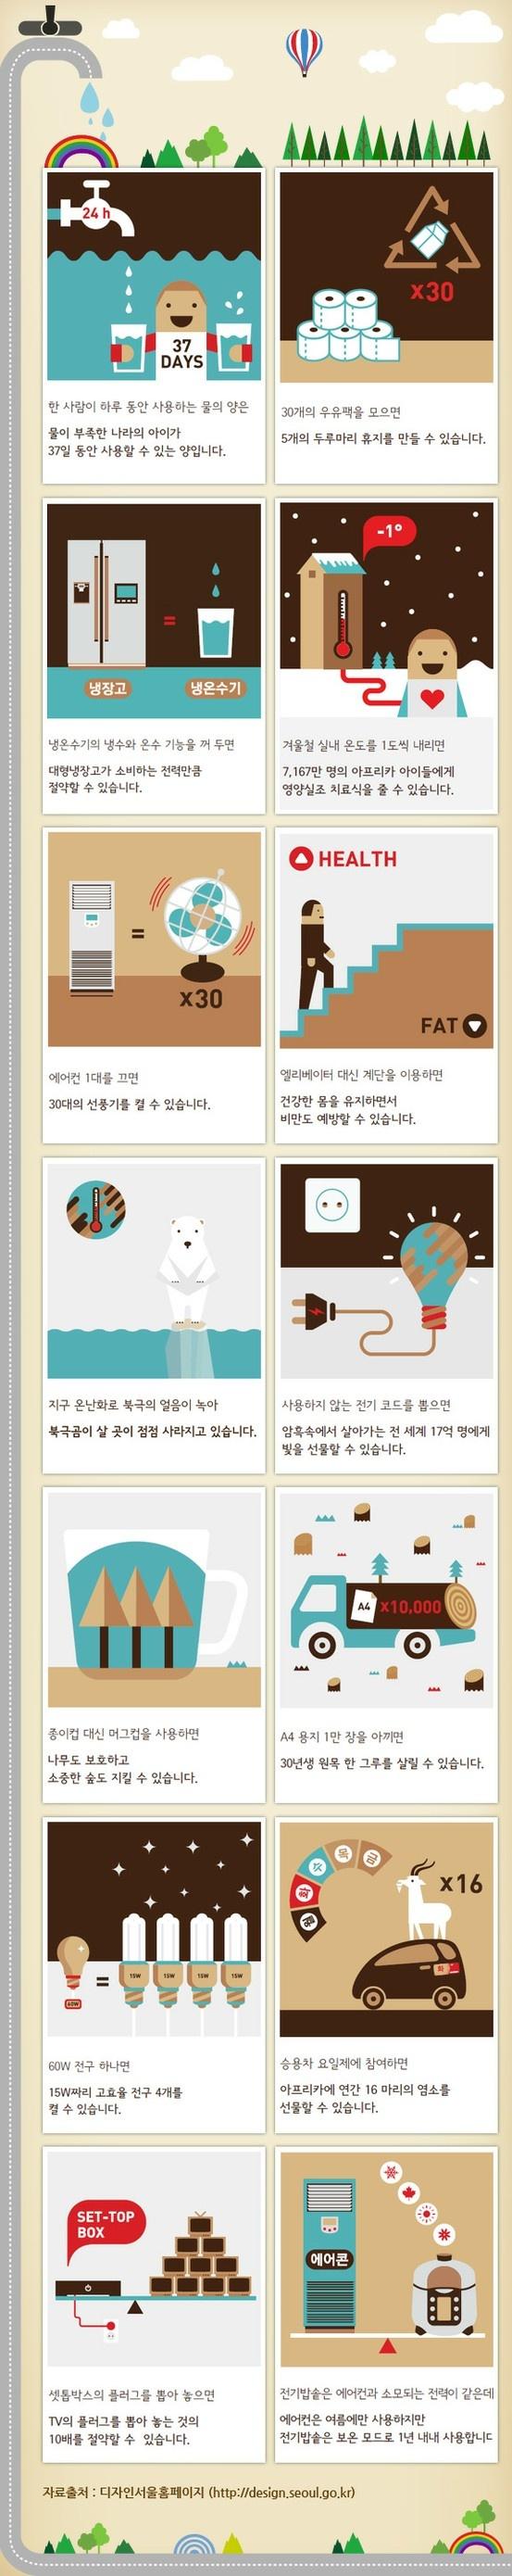 [Infographic] '나, 너, 우리를 위한 실천!' 에너지 절약에 관한 인포그래픽